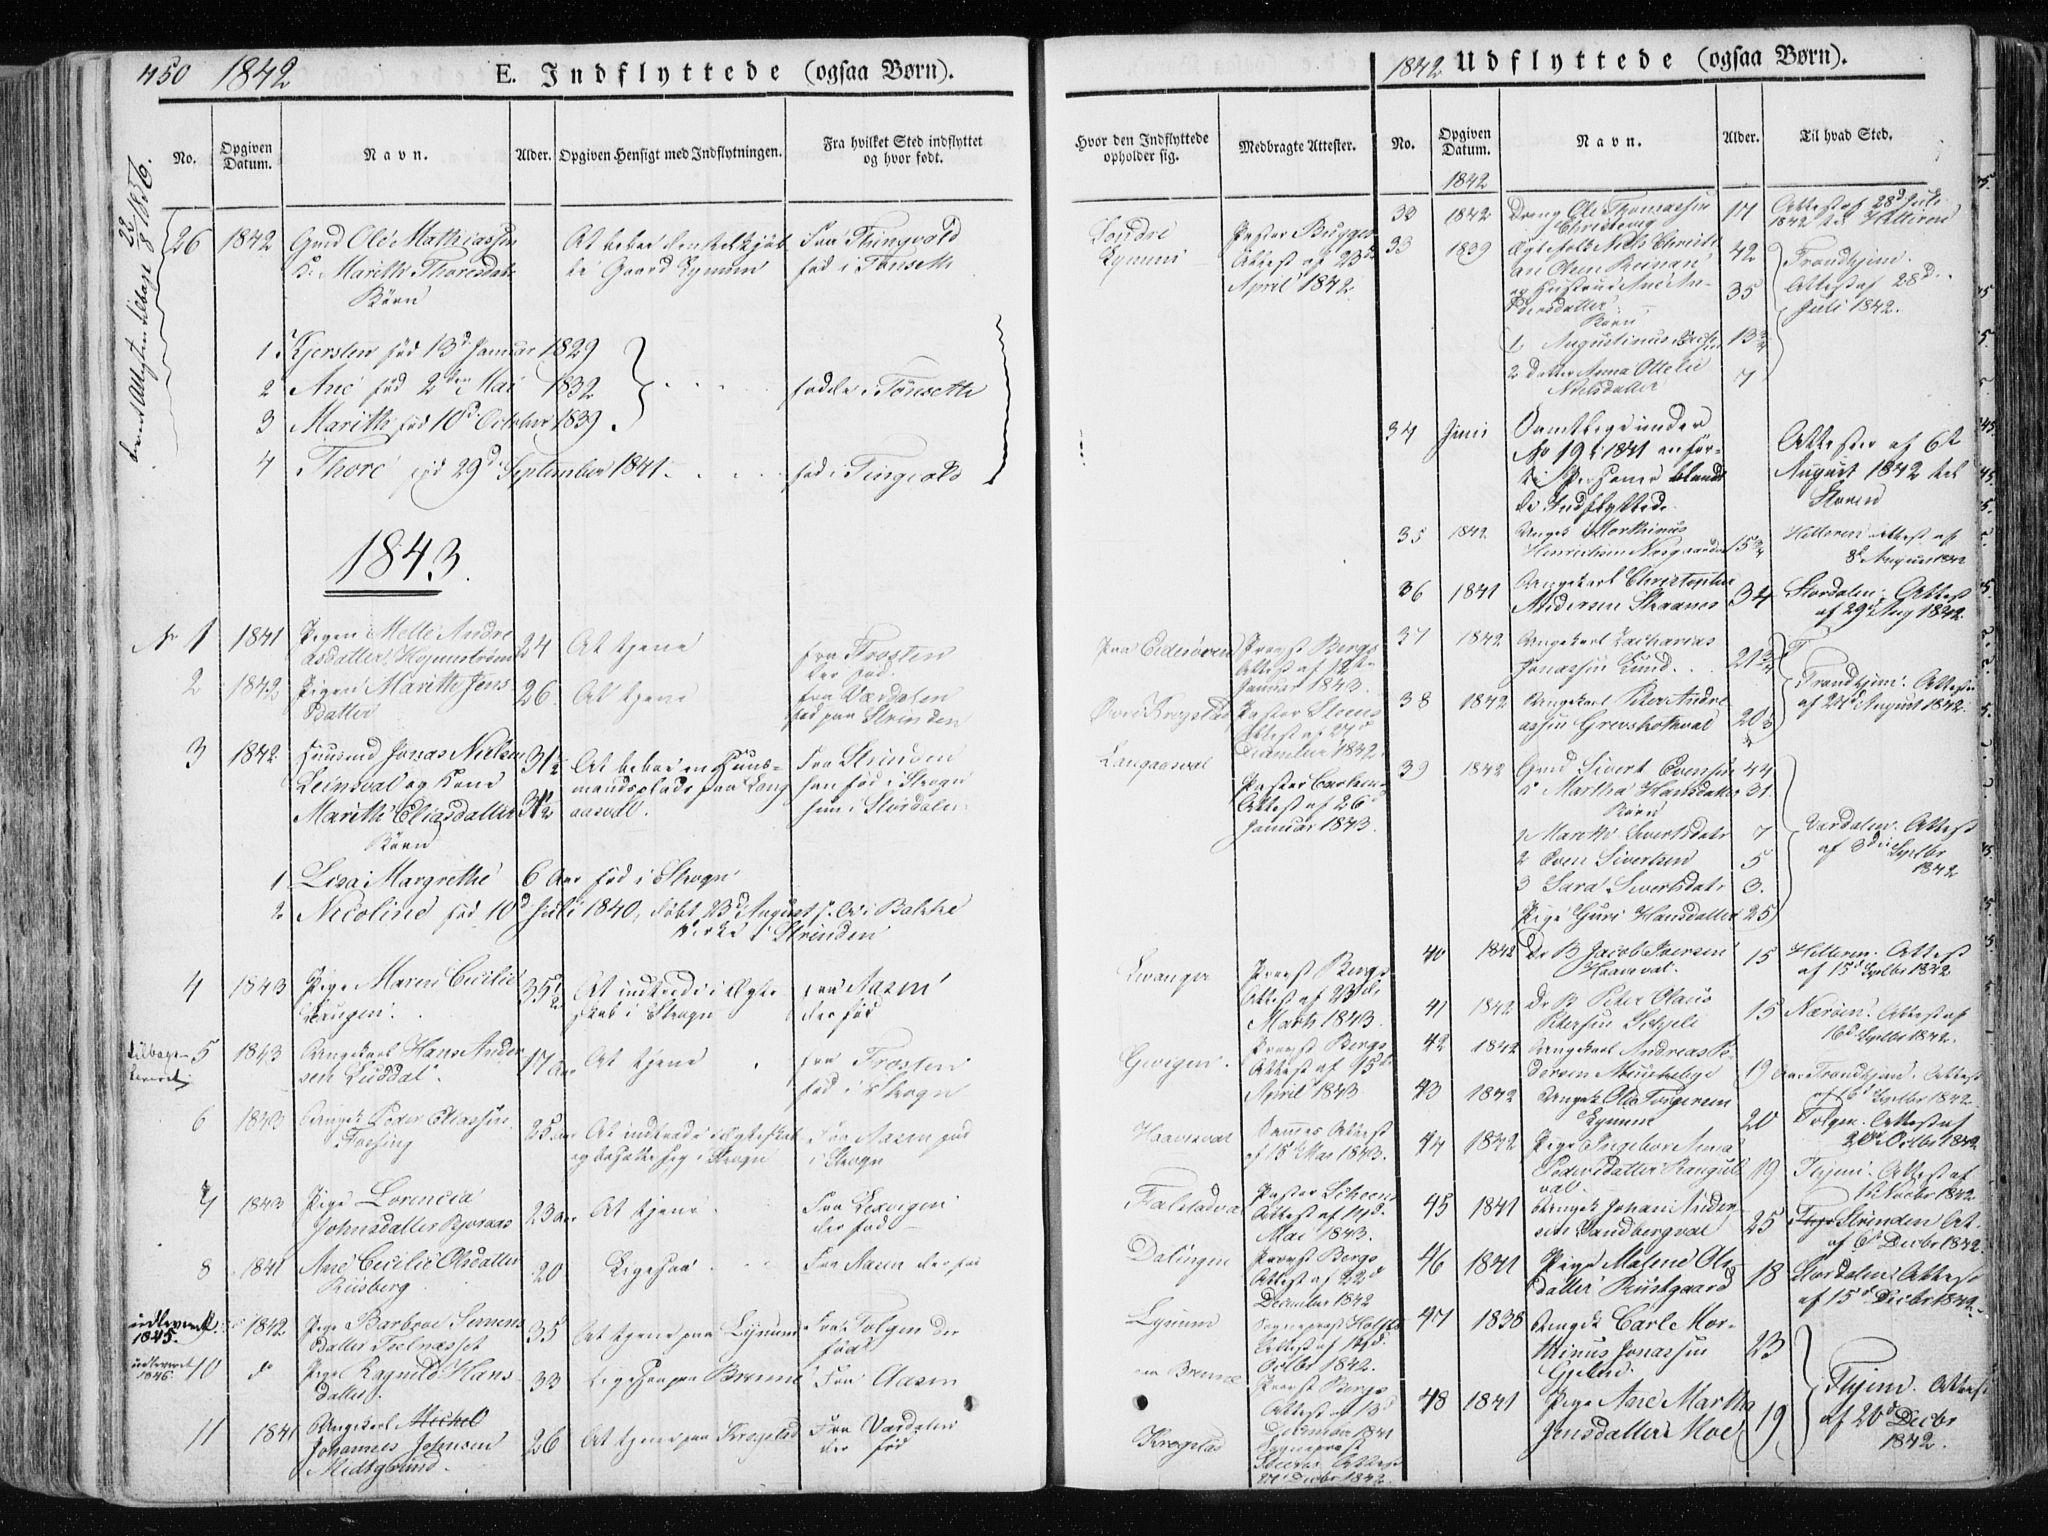 SAT, Ministerialprotokoller, klokkerbøker og fødselsregistre - Nord-Trøndelag, 717/L0154: Ministerialbok nr. 717A06 /1, 1836-1849, s. 450